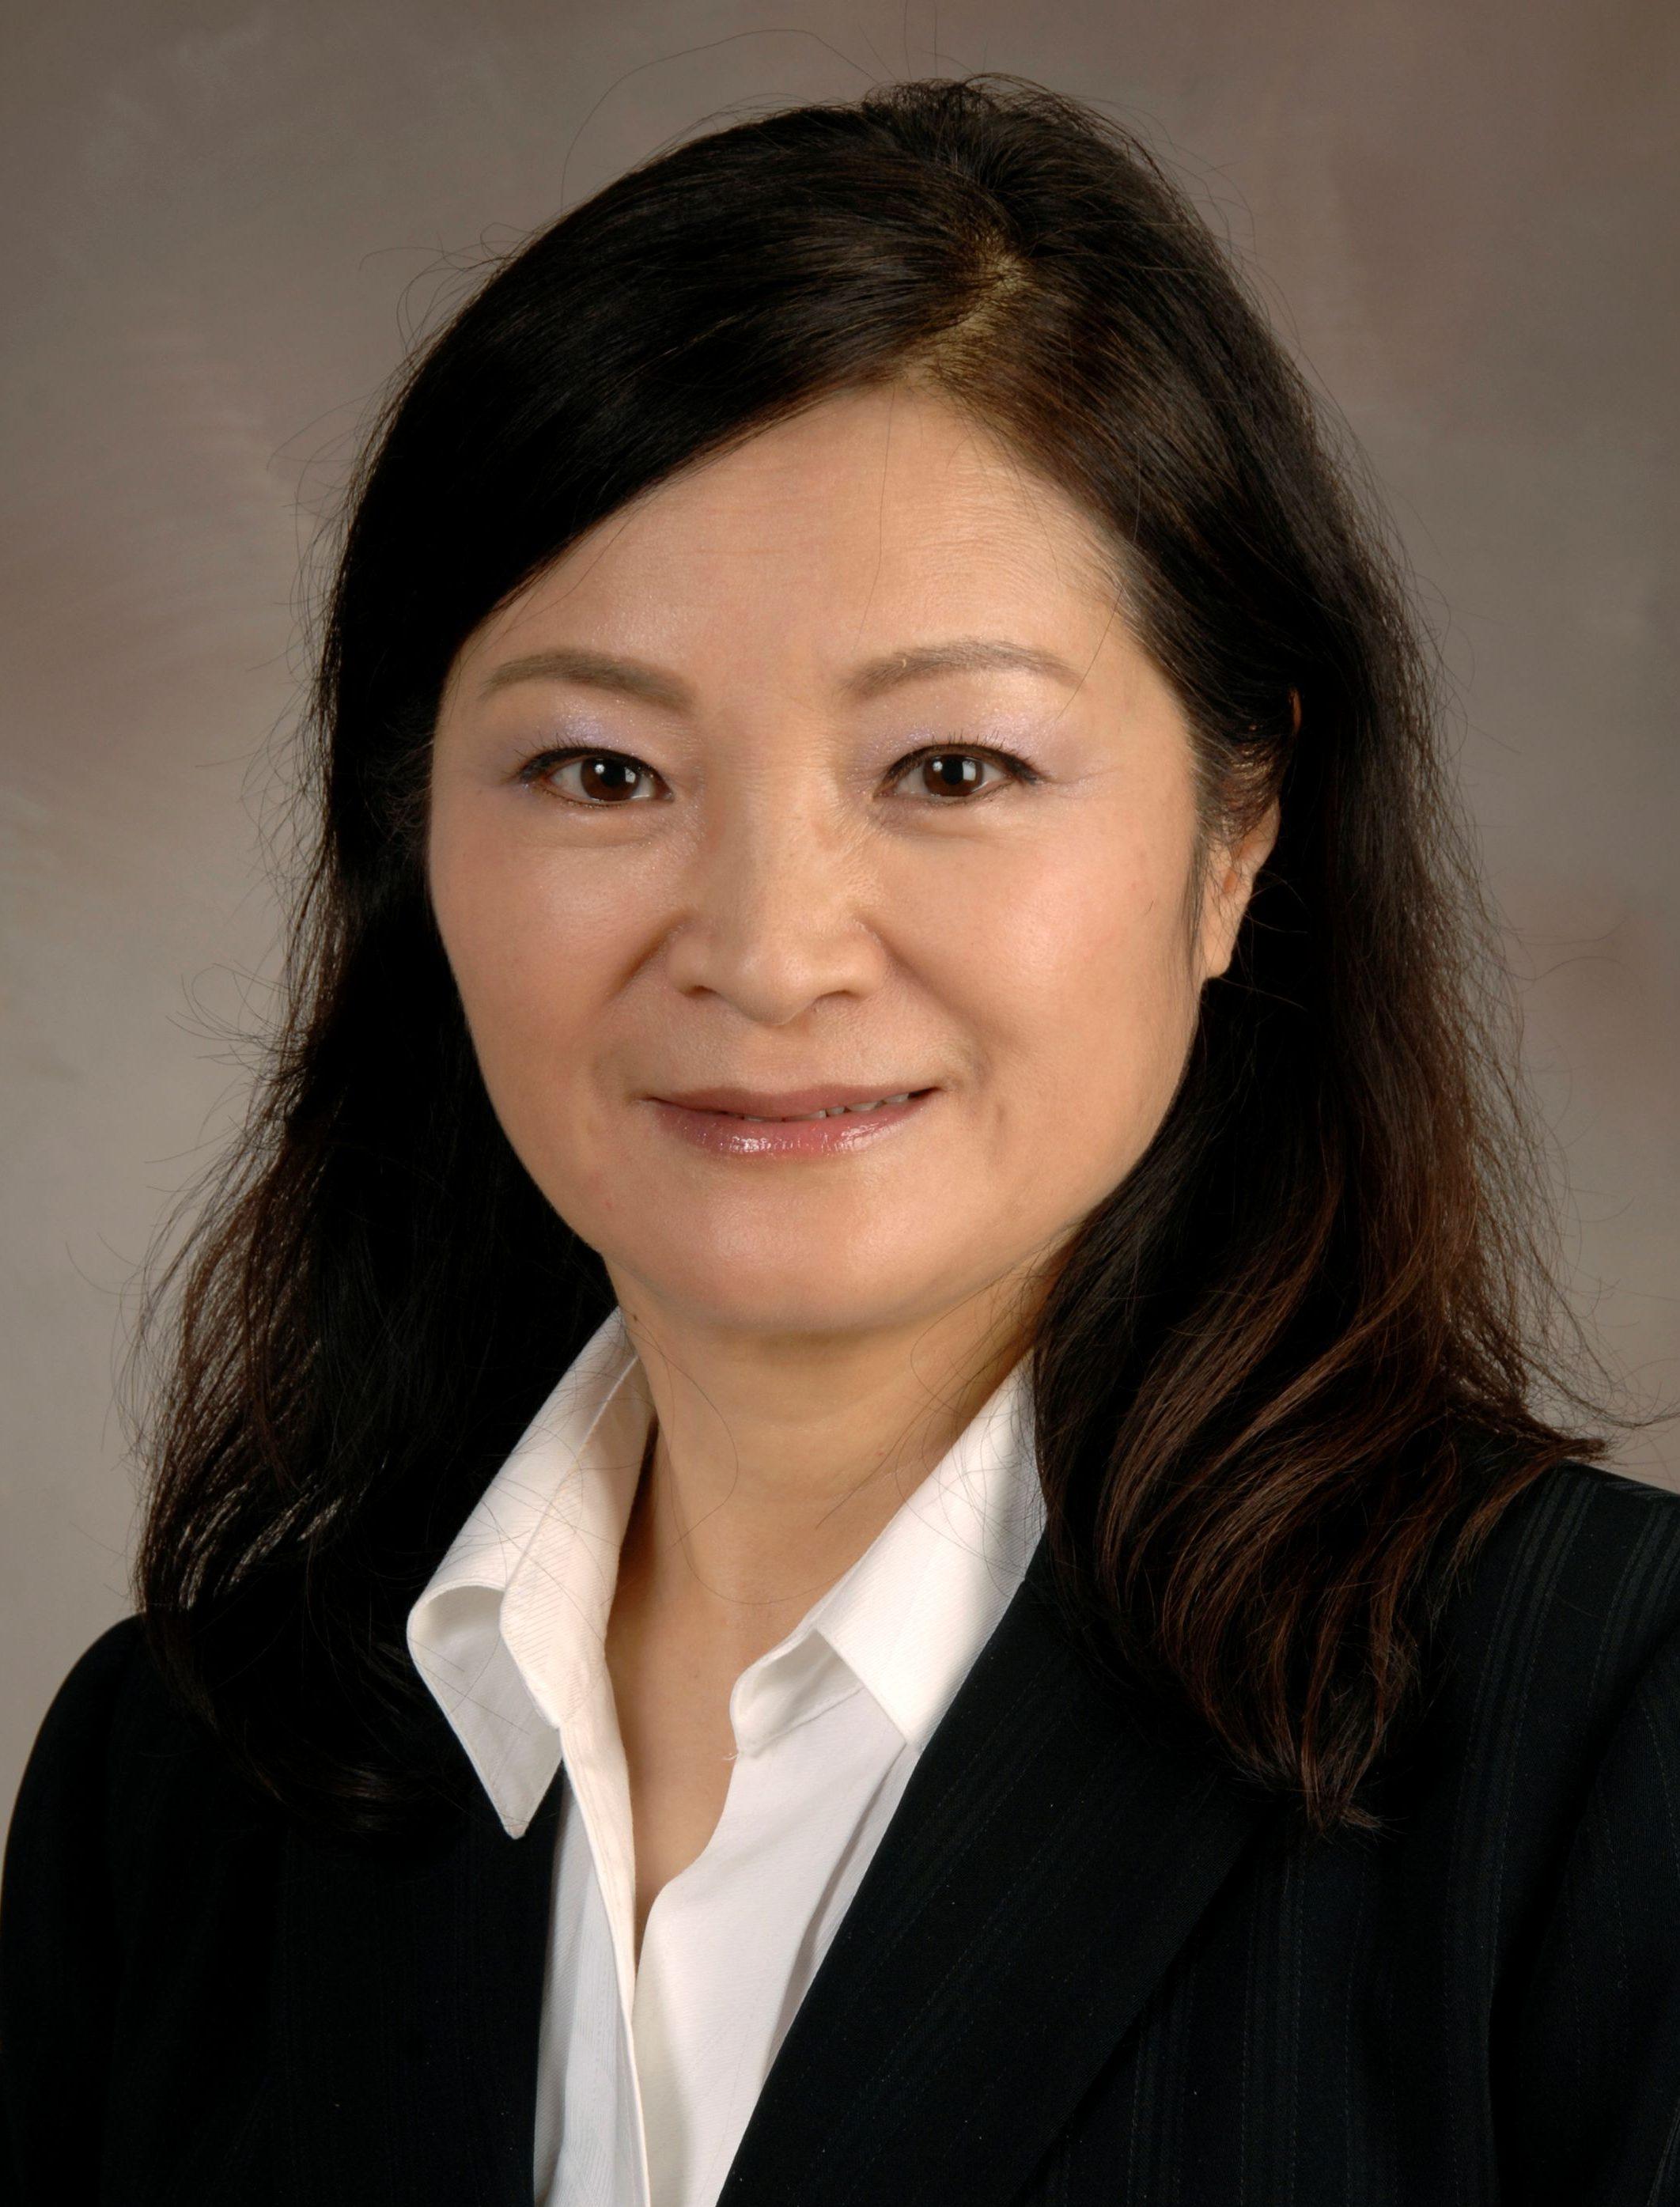 Mingfang Cheng, MD